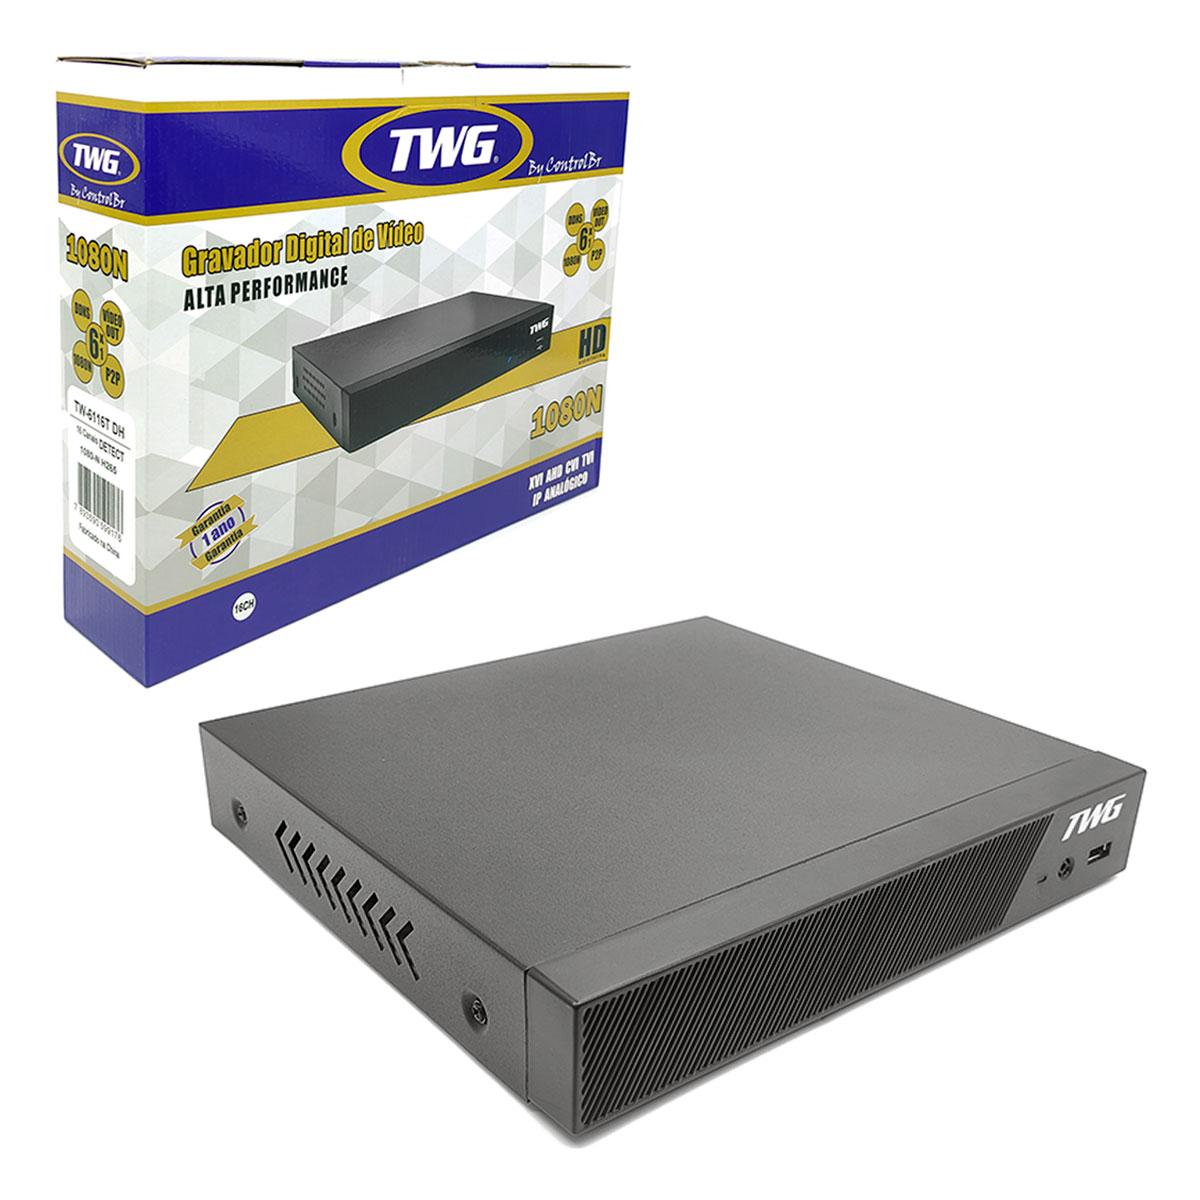 DVR TWG 16 Canais, 1080N, Net IP e Onvif, HDMI, 6x1, H.265+, Modo Detect, Full HD - TW-6116T DH